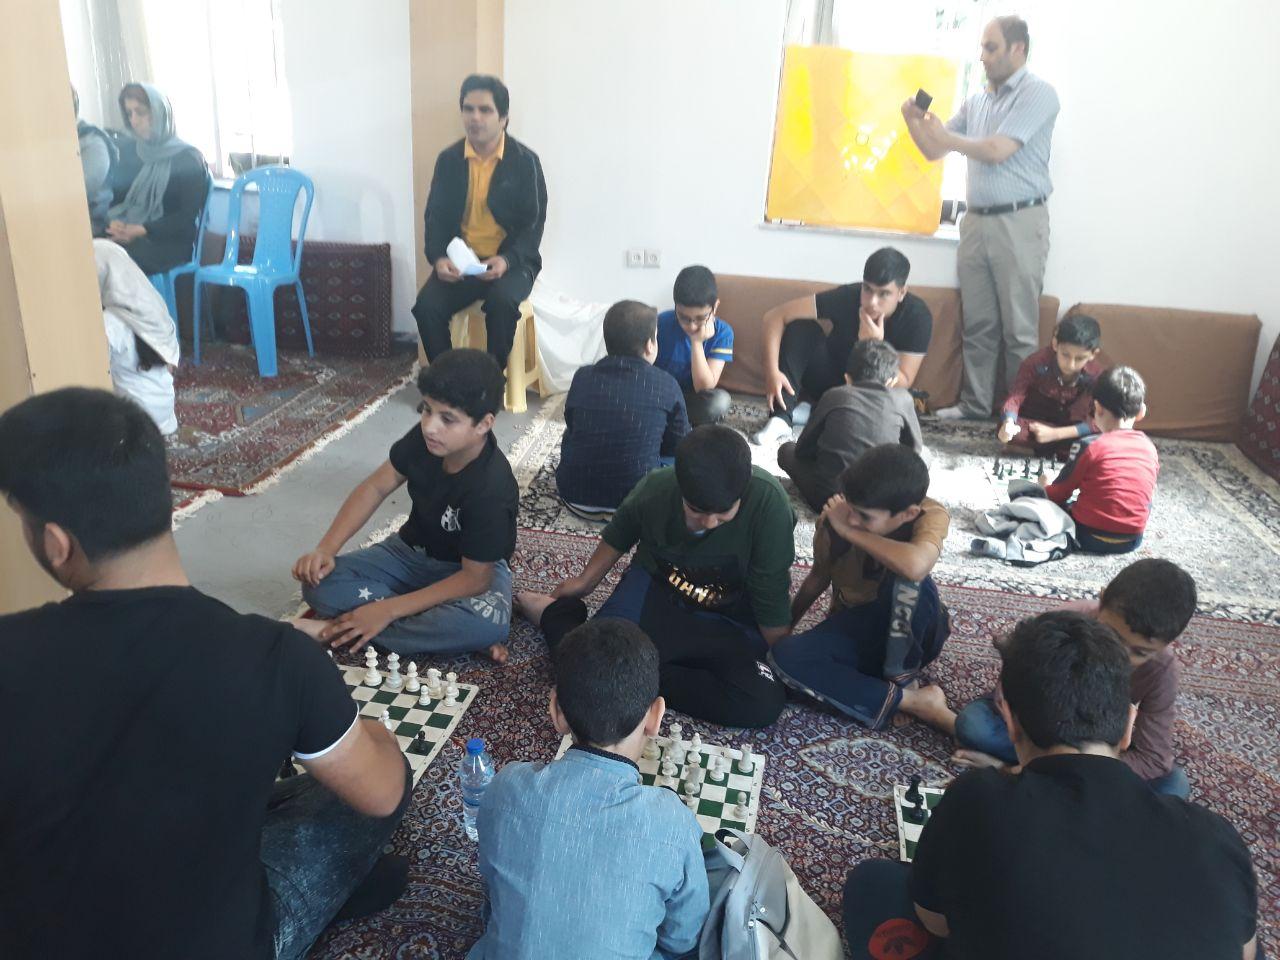 برگزاری مسابقات شطرنج بمناسبت هفته تربیت بدنی در روستای کنف گوراب در دو رده سنی نوجوانان پسر و دختر بصورت جداگانه